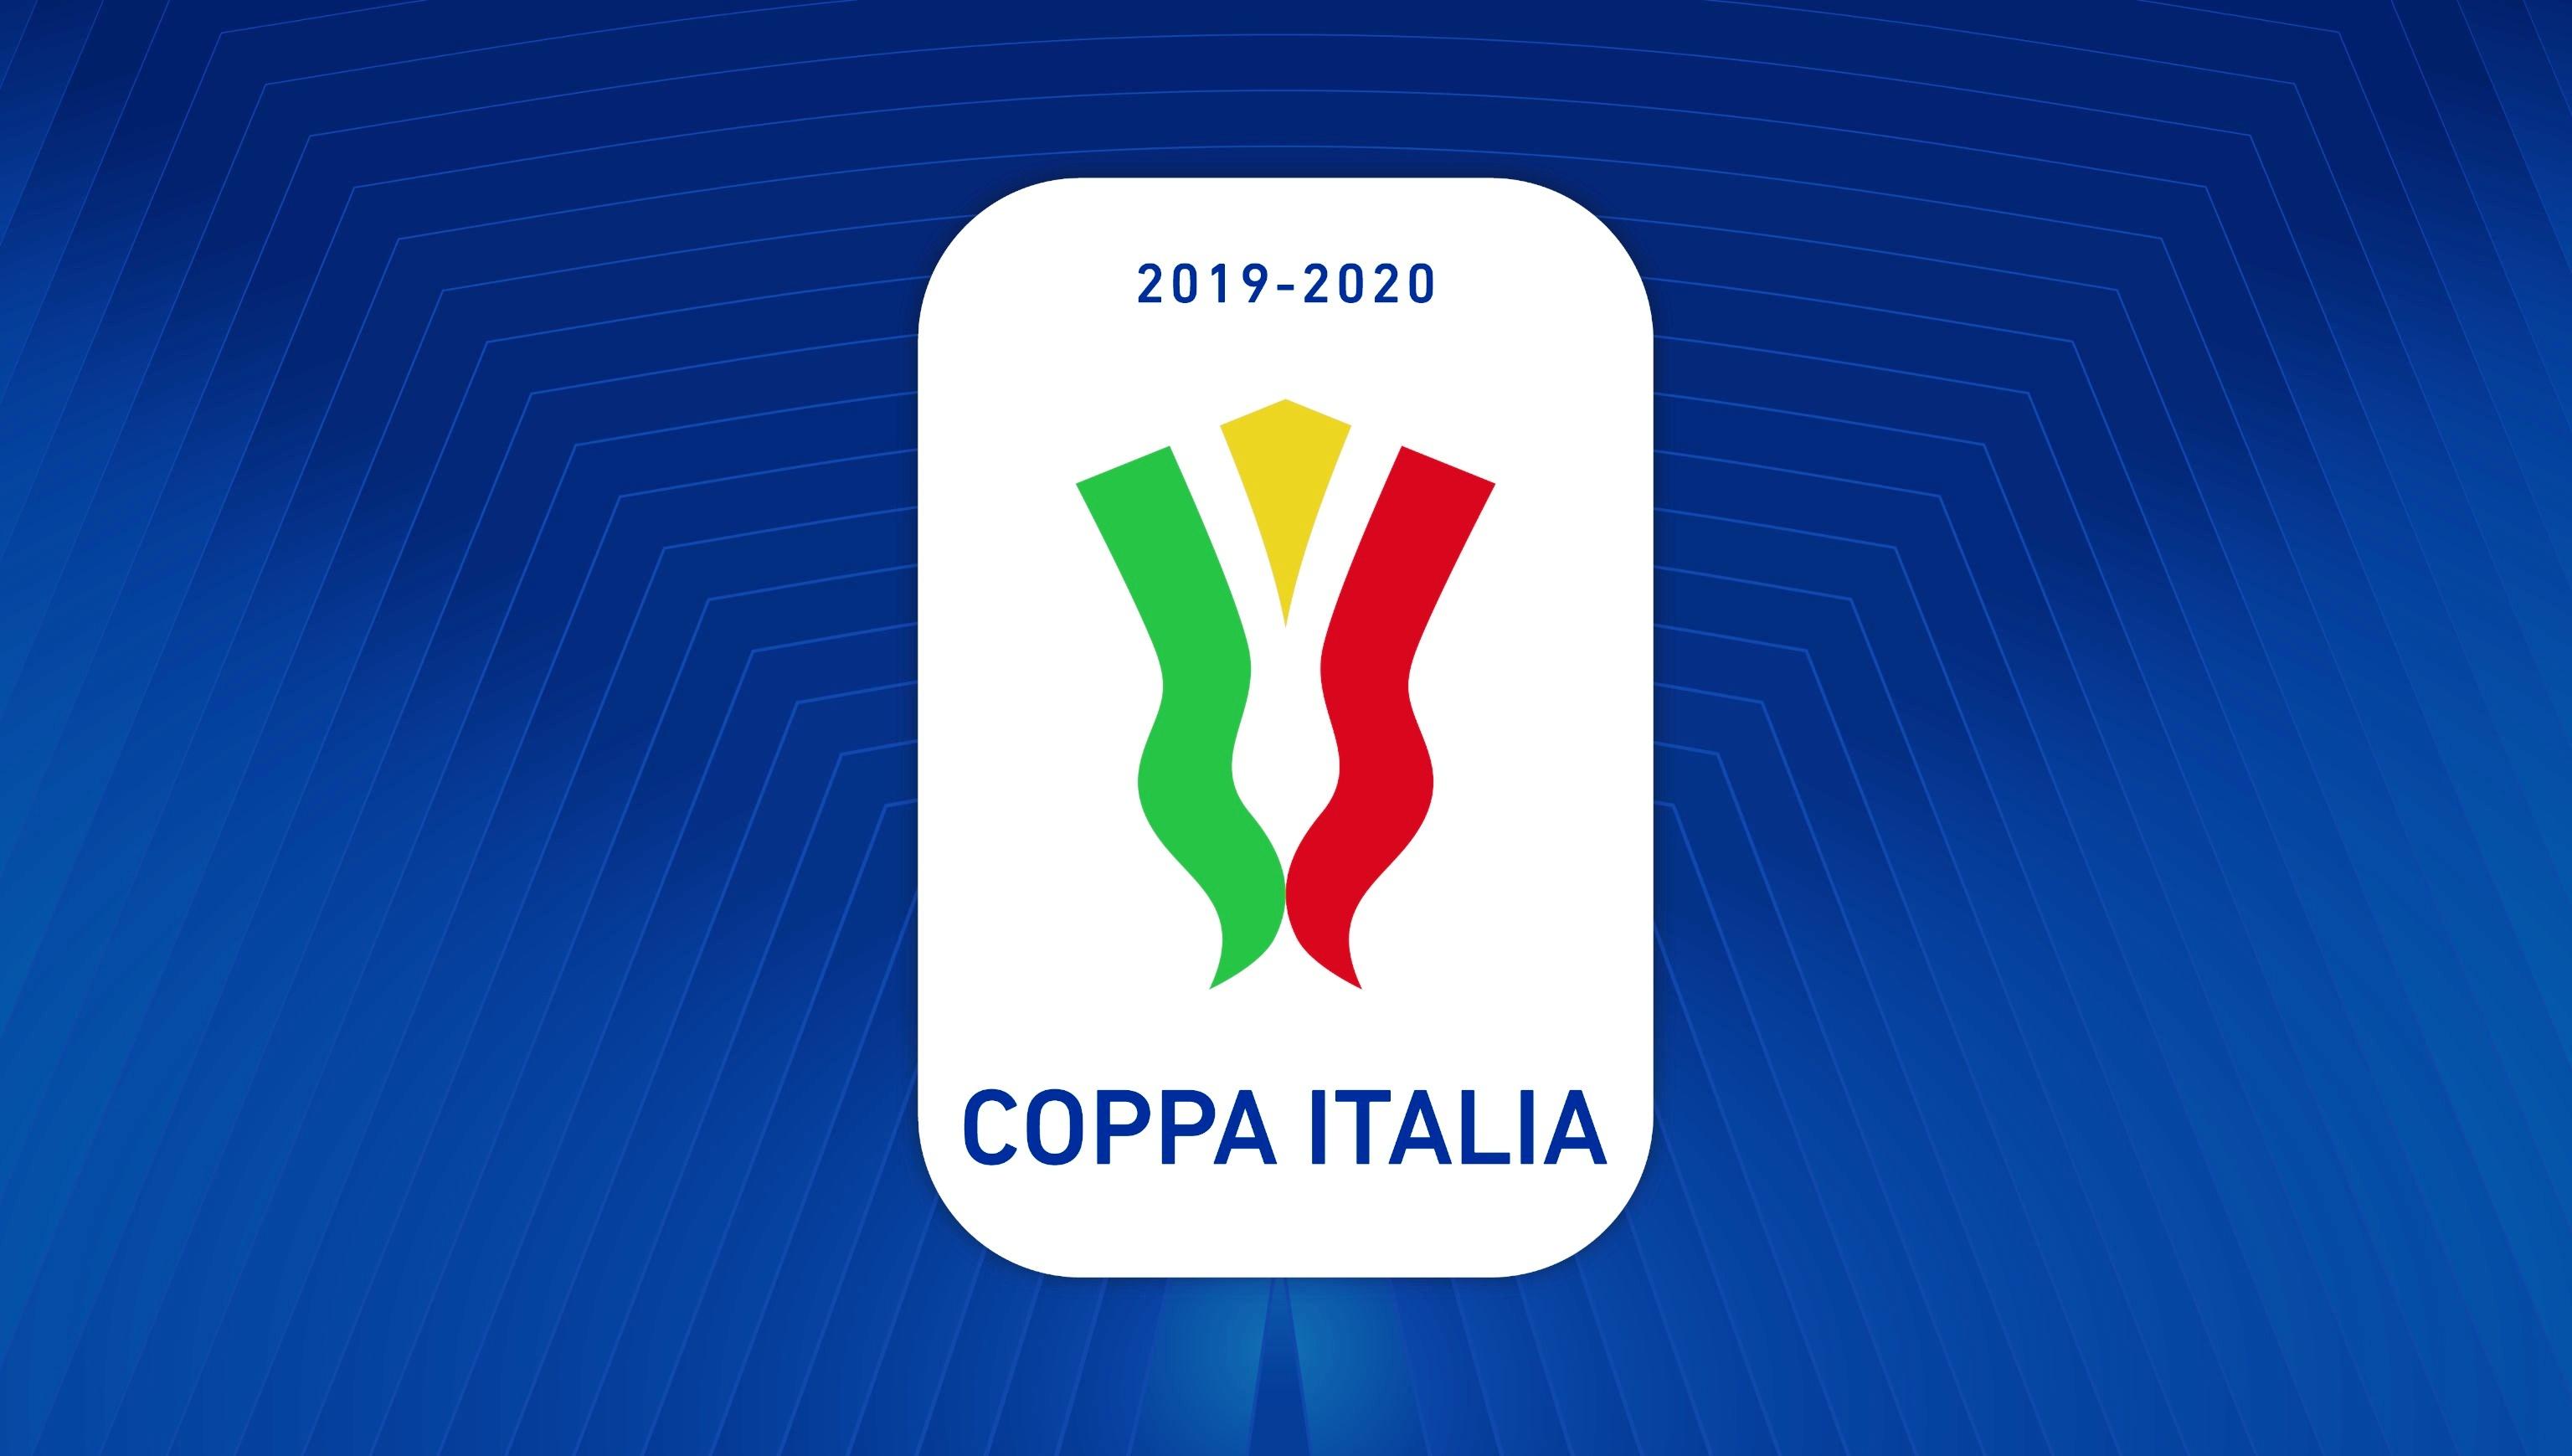 Coppa Italia: AC Milan-Torino FC już od 272 zł! (przelot+bilet na ...